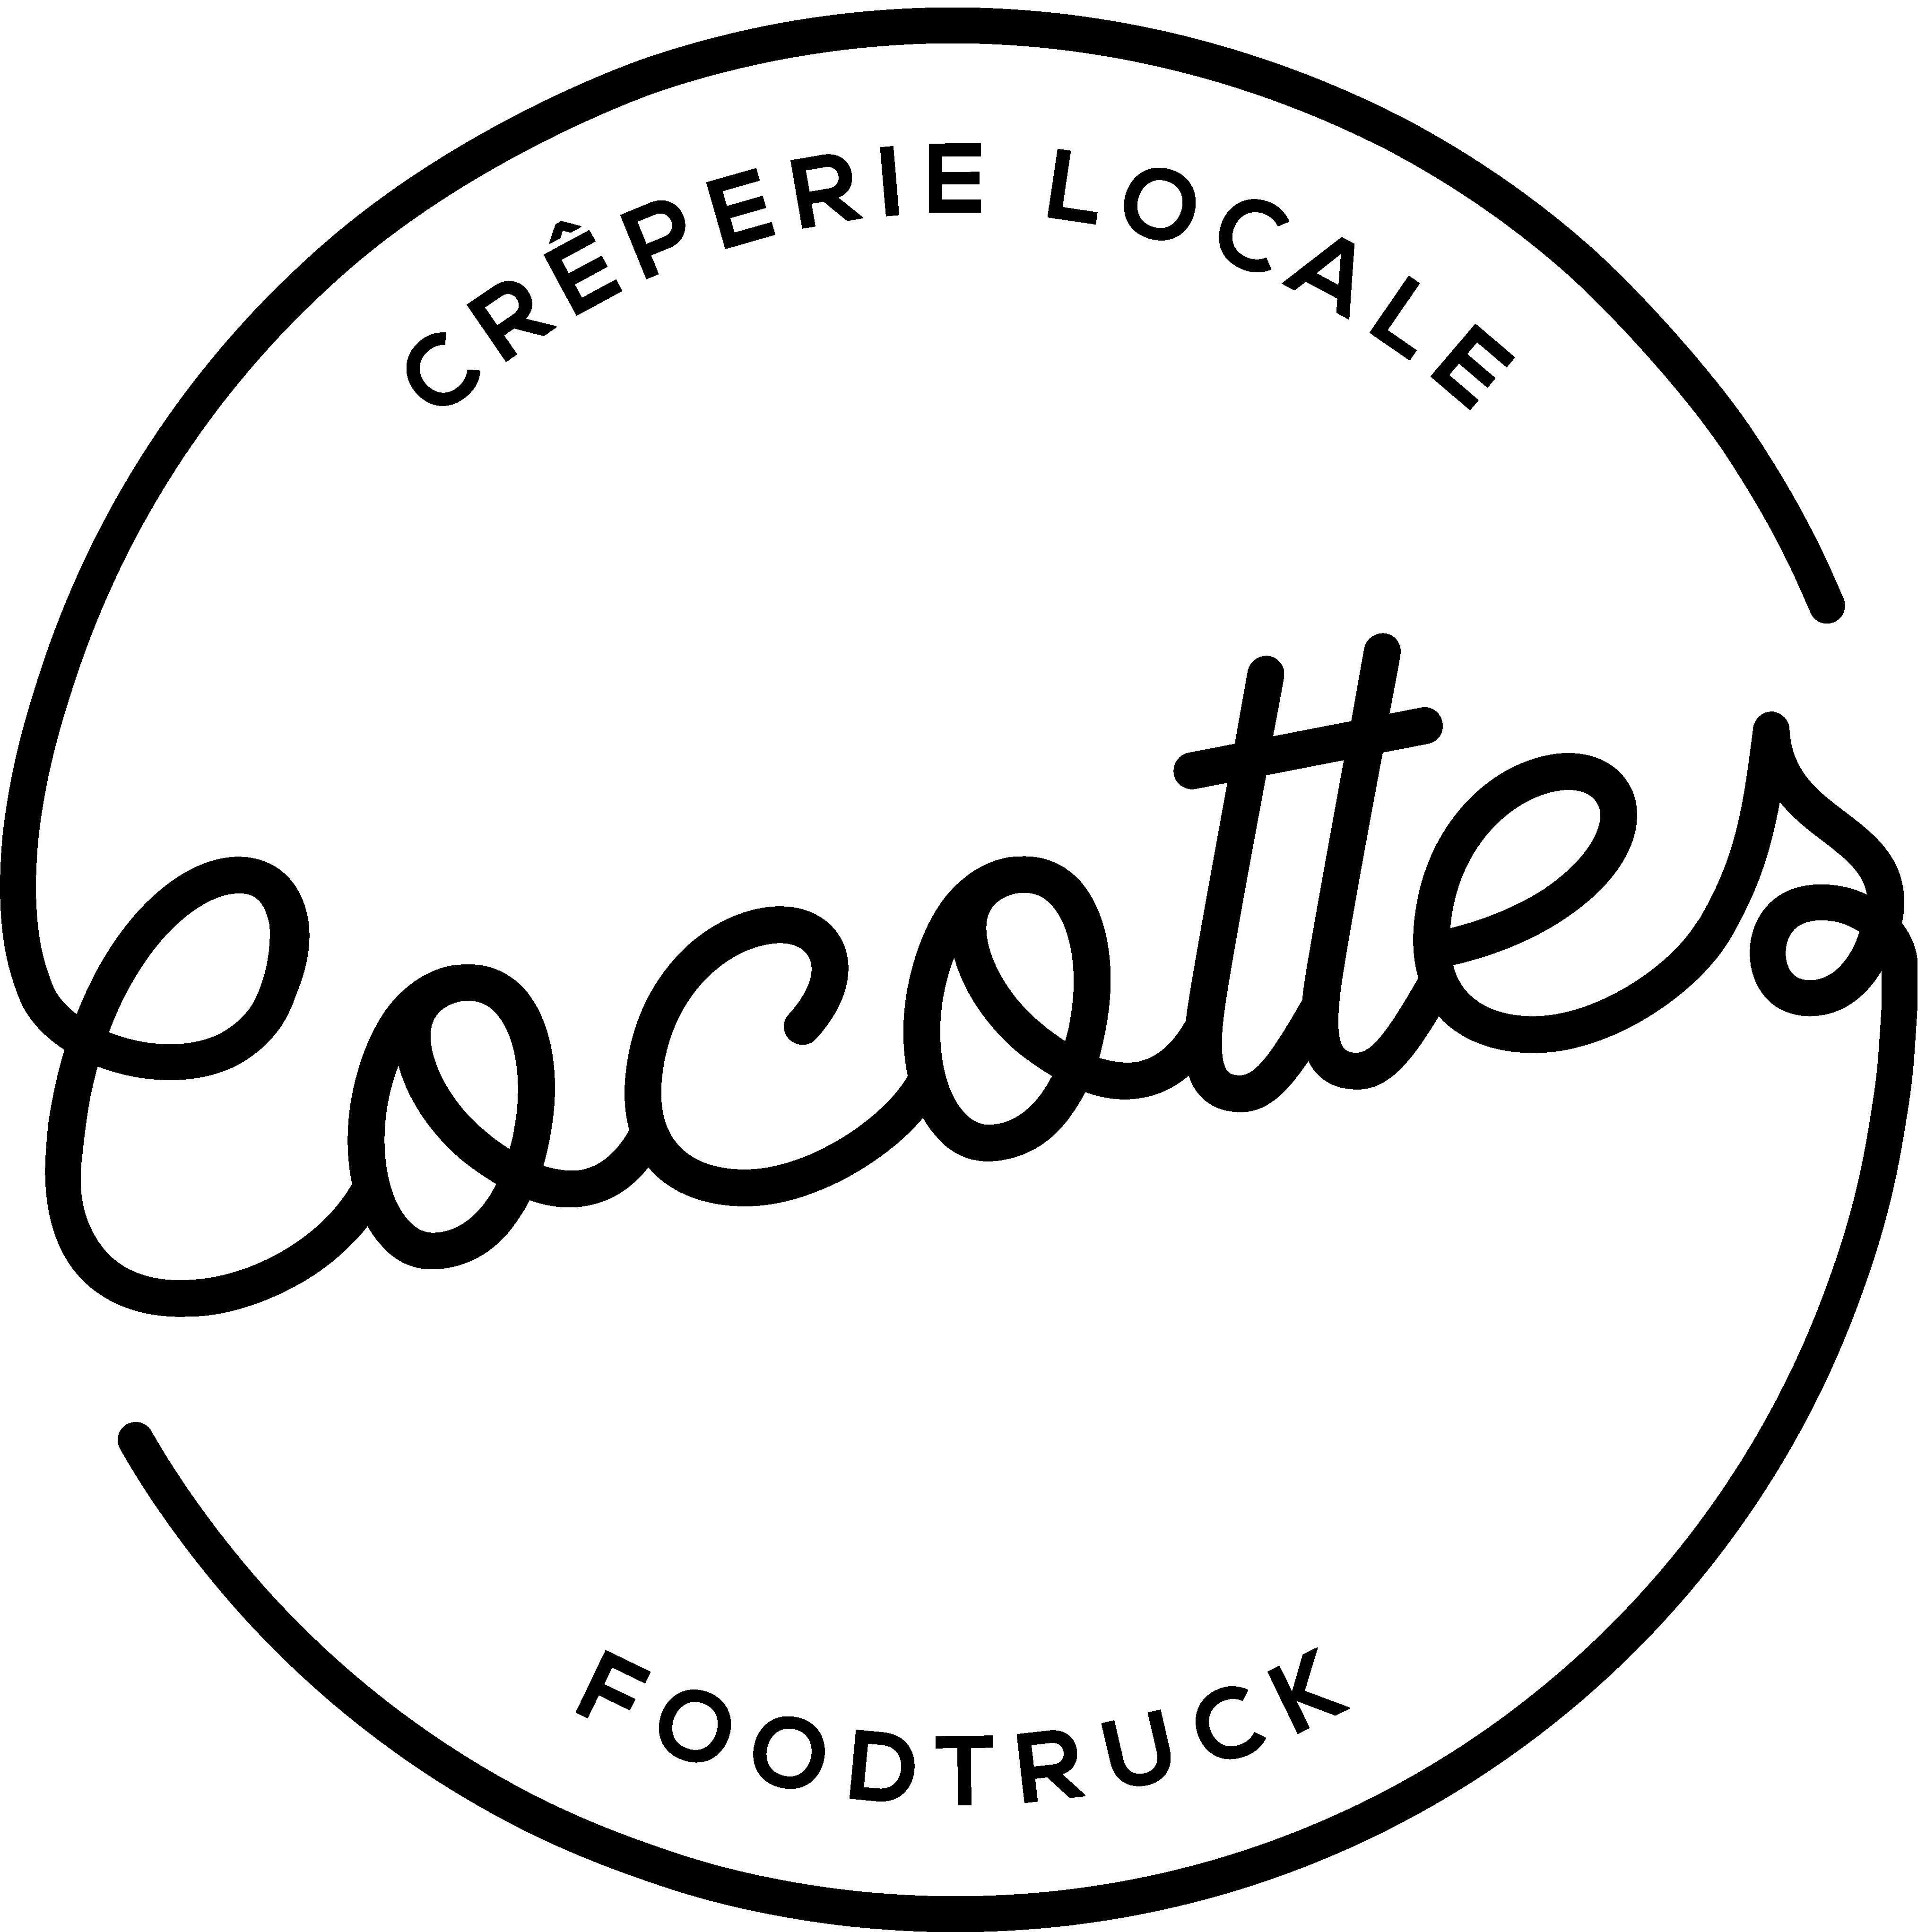 Crêperie Cocottes